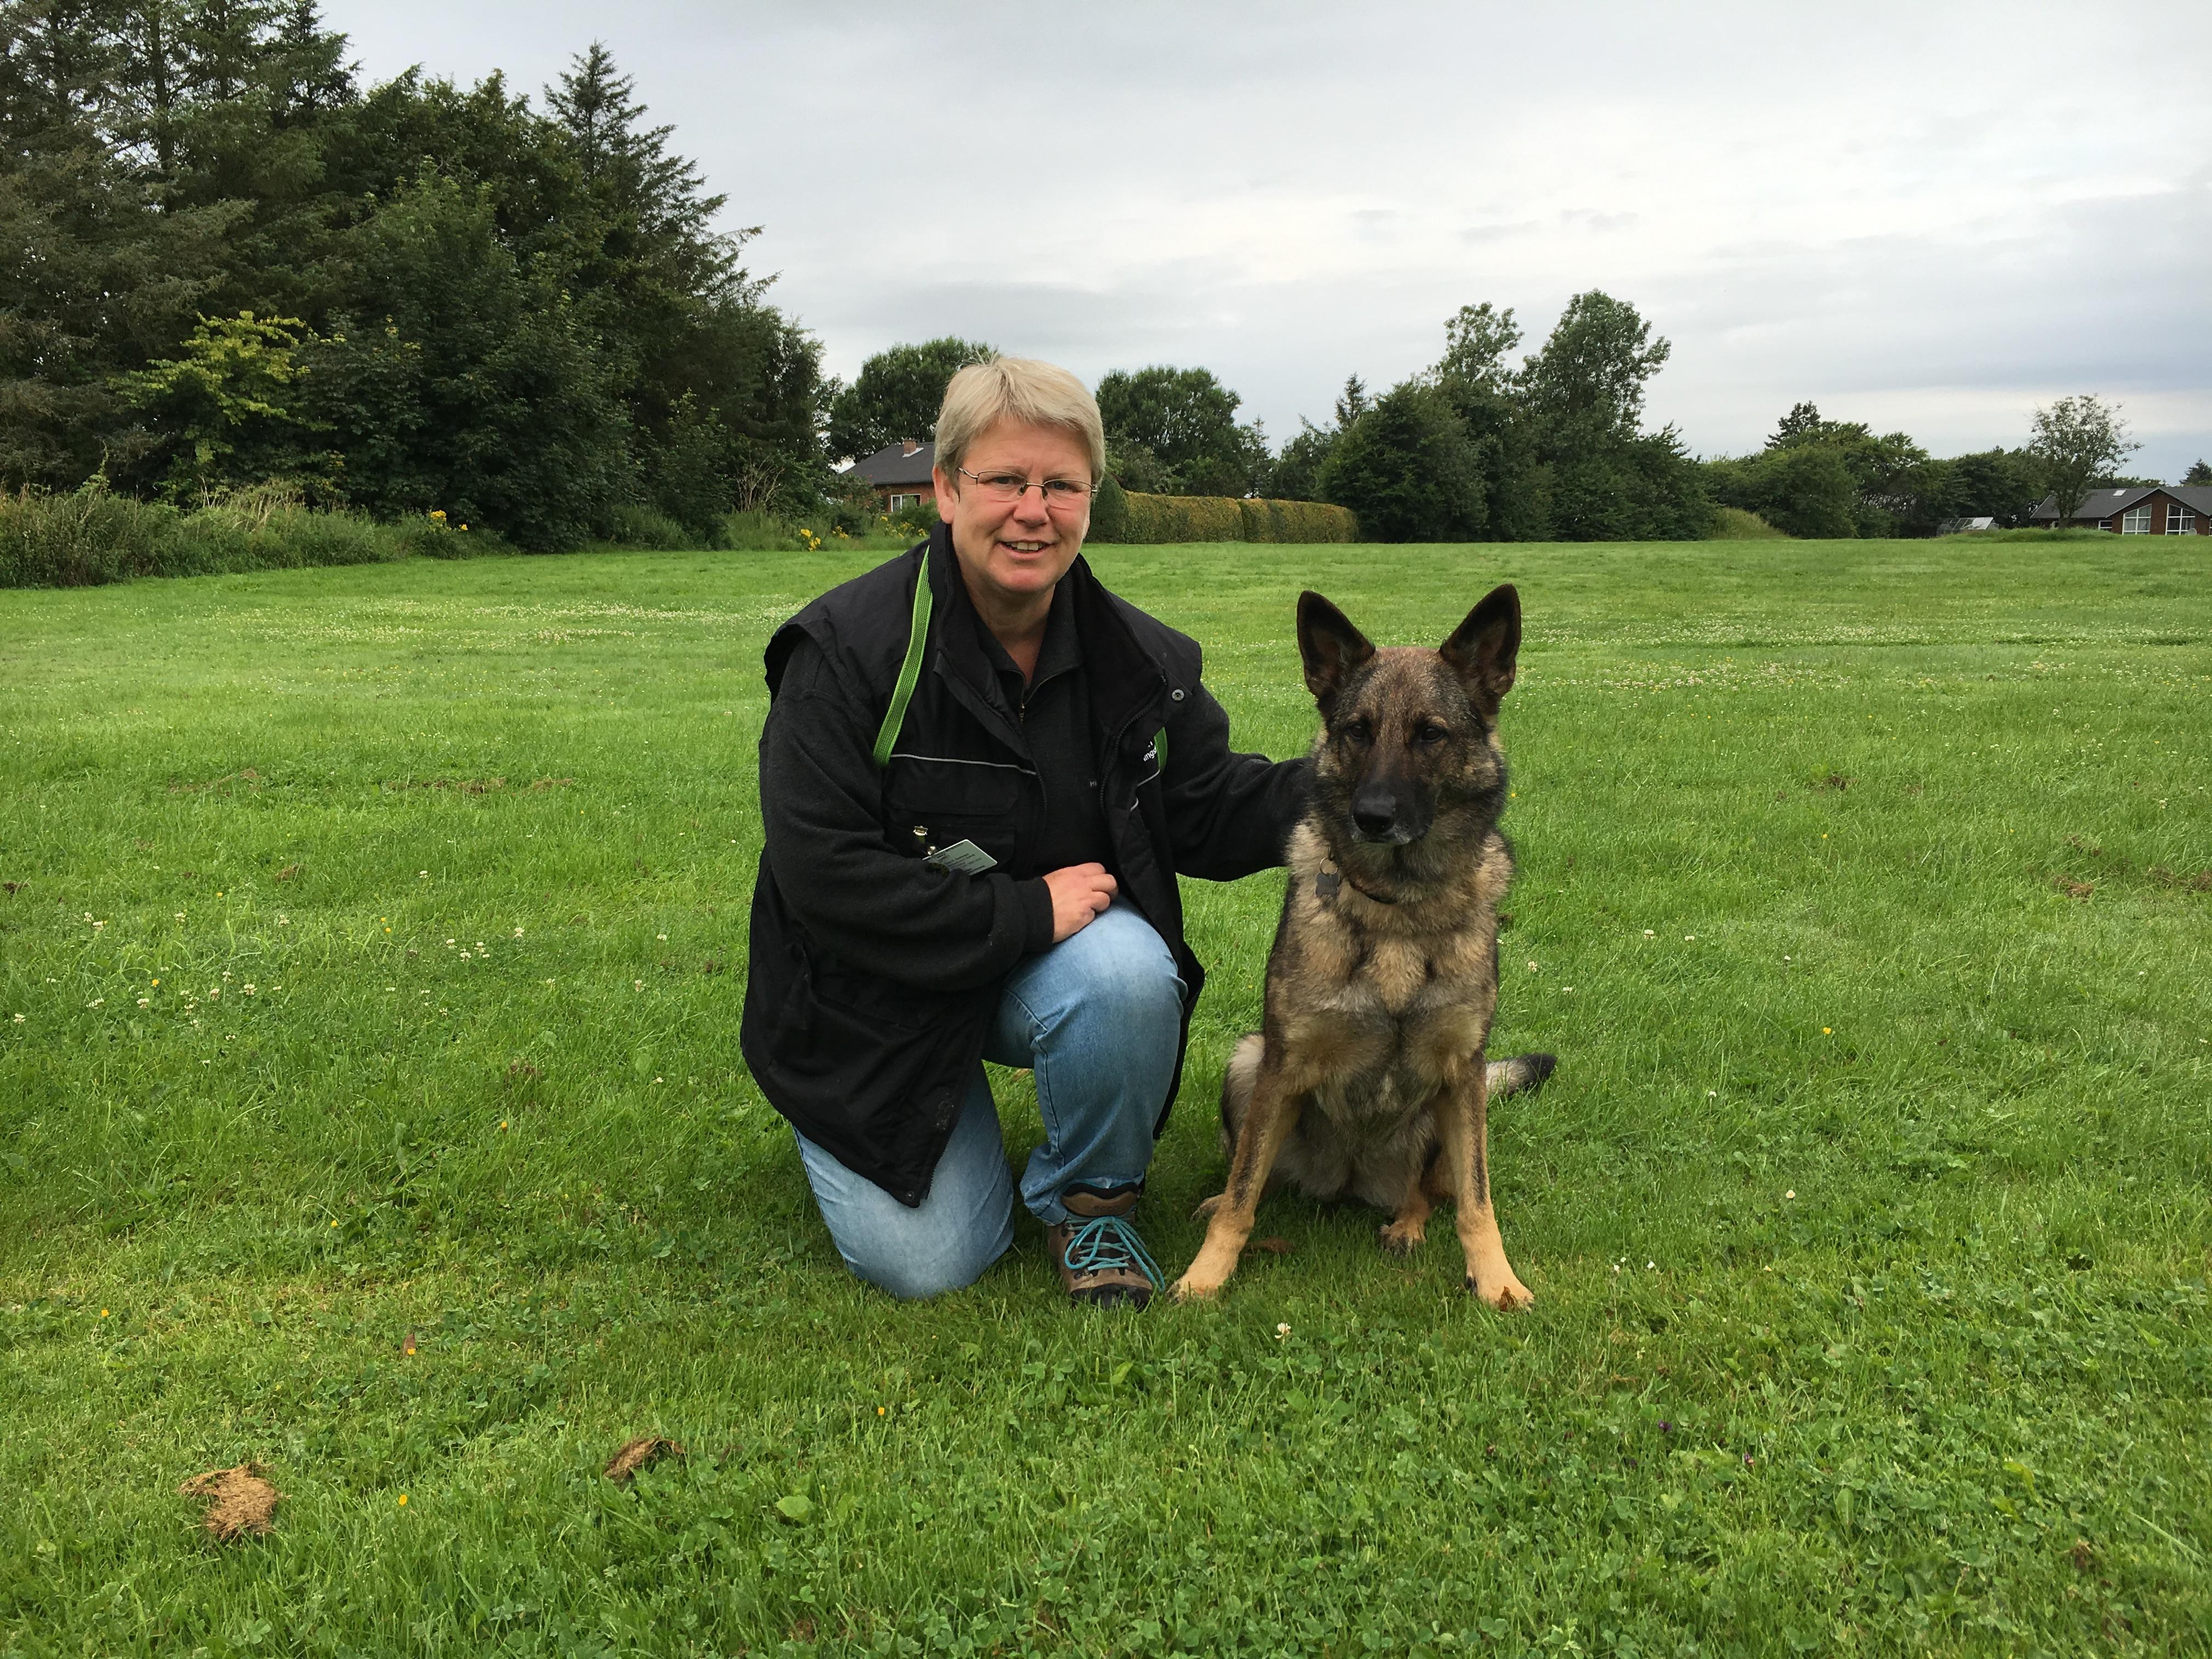 Ellen Rasmussen, hundefører, Danmarks civile Hundeførerforening